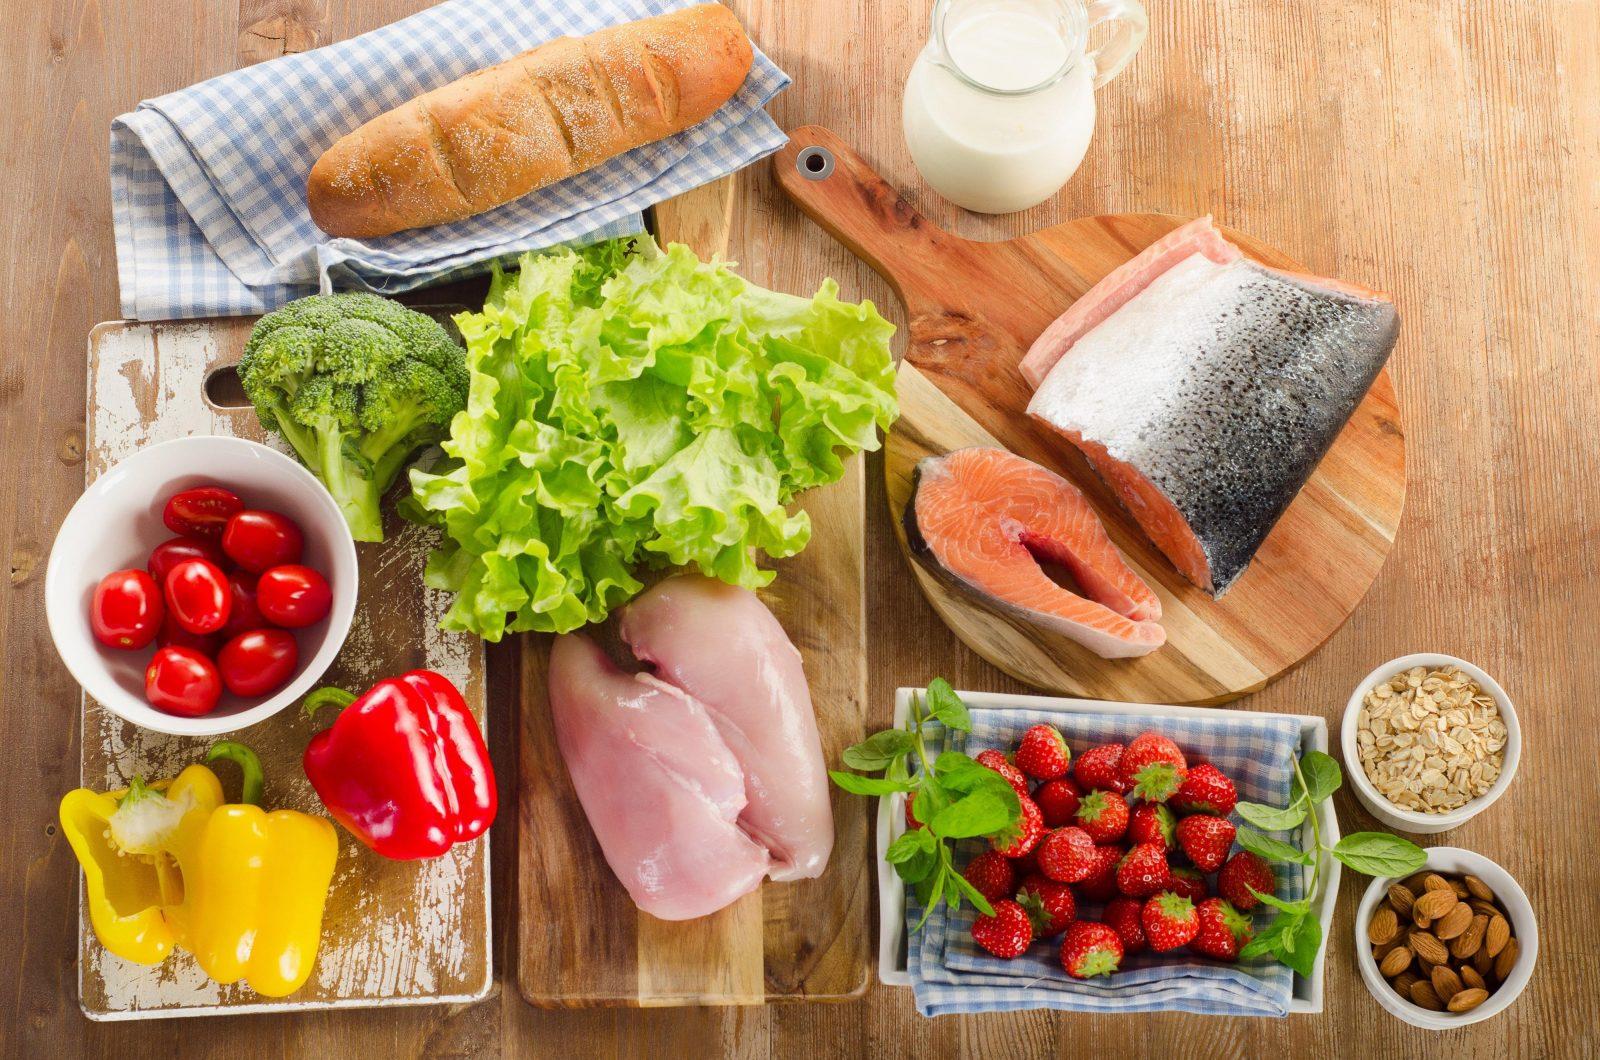 Овощи, фрукты, куриная грудка, рыба, молоко, миндаль, клубника и овсянка